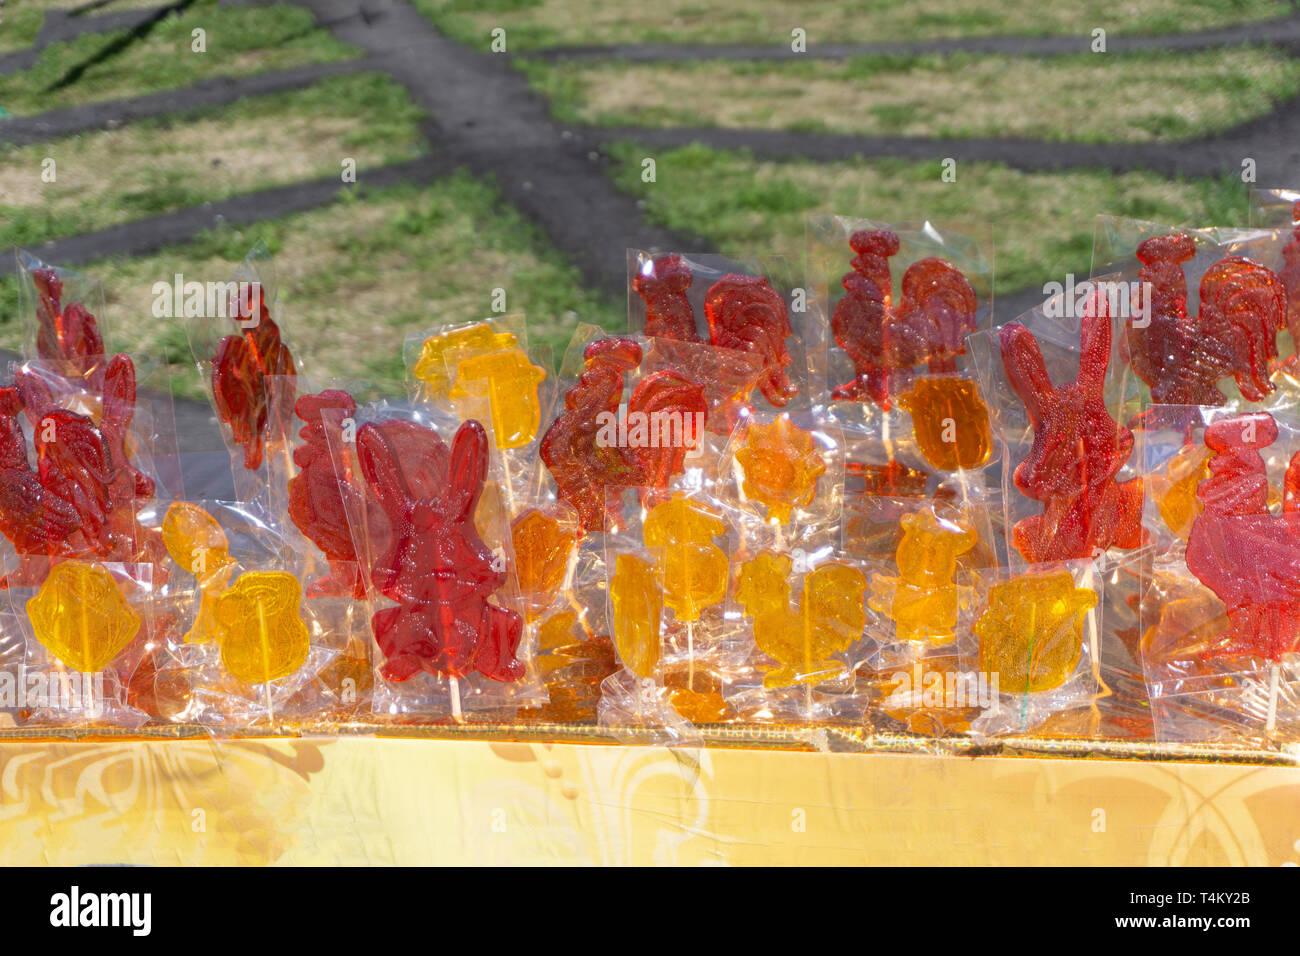 Beaucoup de bonbons colorés au-dessus de la gelée au chocolat Banque D'Images